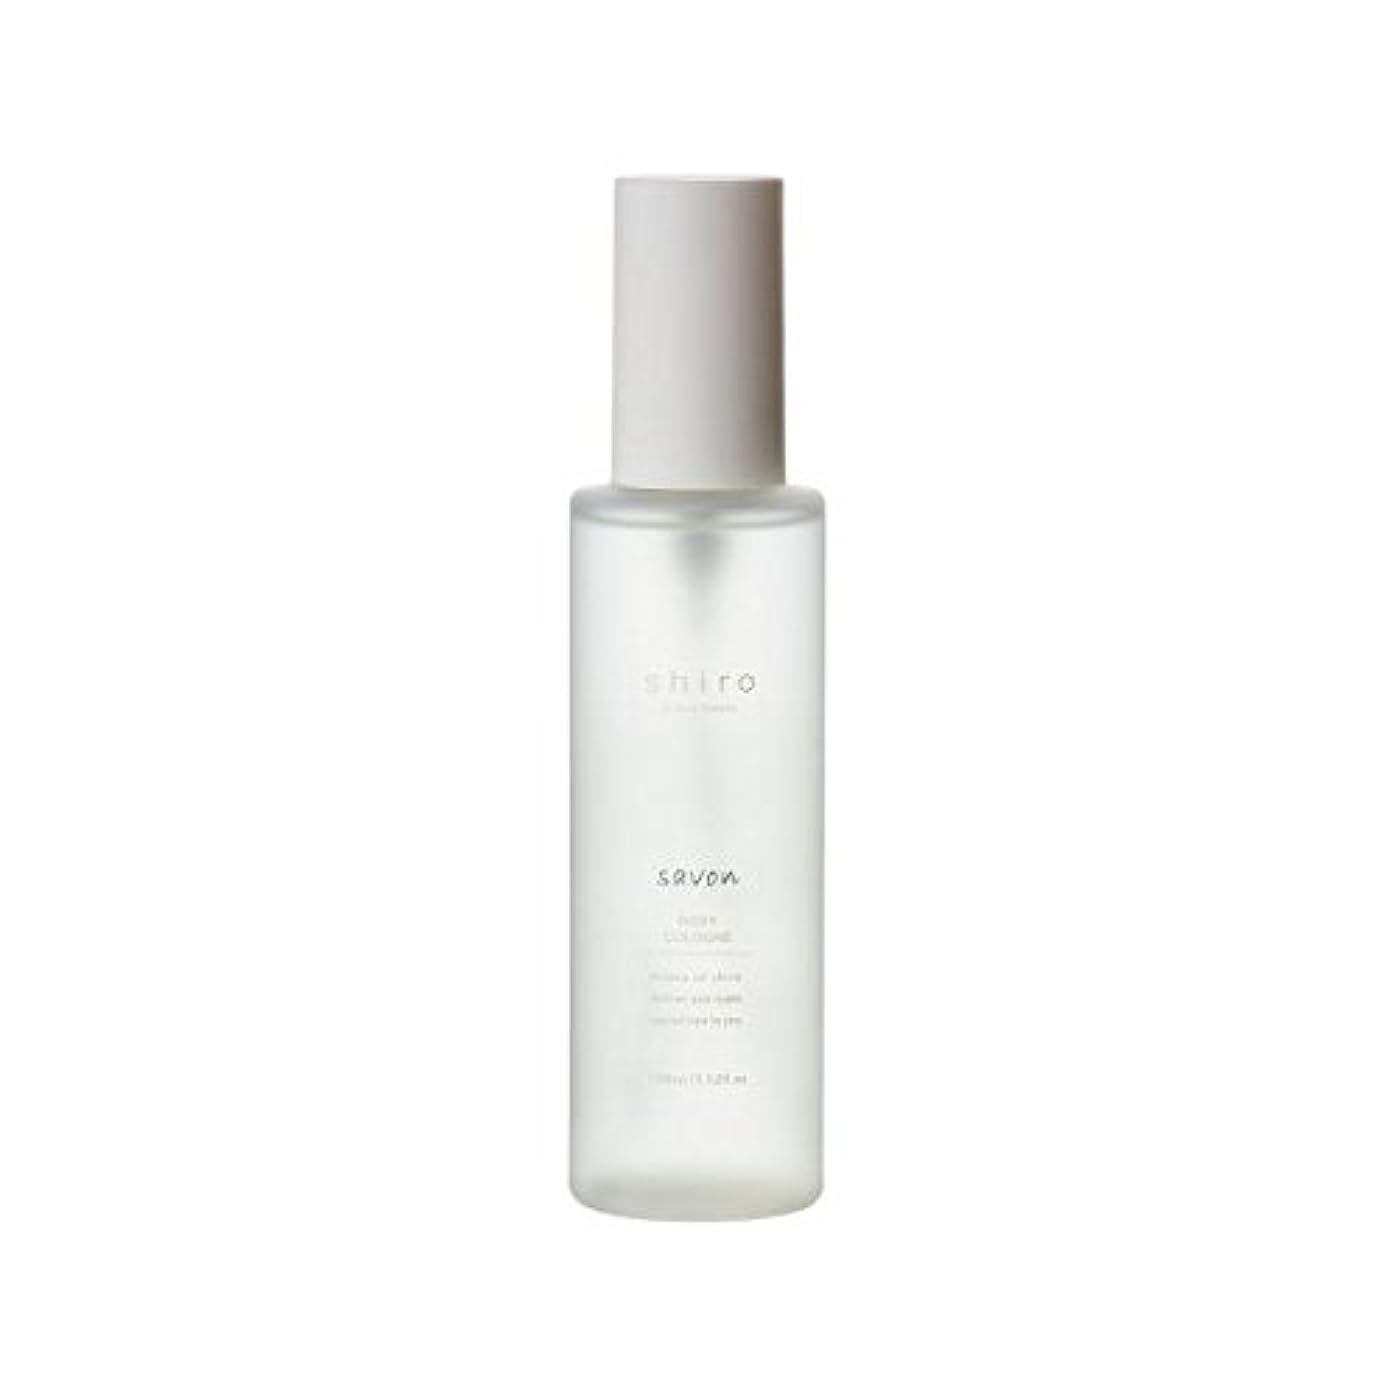 空中ロマンチック罪悪感shiro サボン ボディコロン 100ml 清潔で透明感のある自然な石けんの香り ミスト シロ